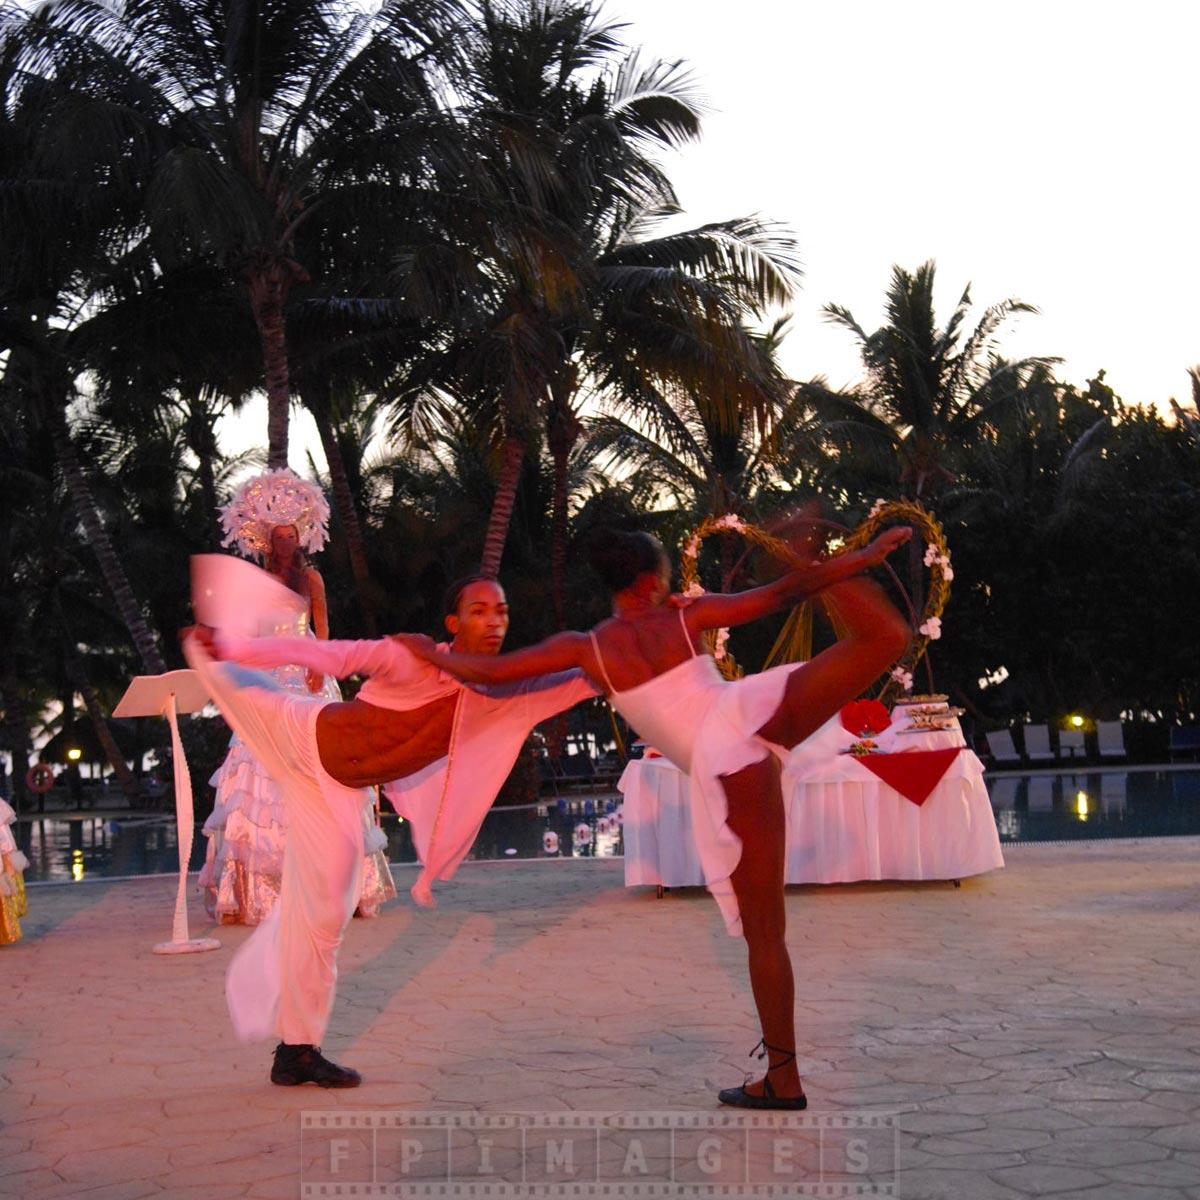 Dominican dancers performing romantic dance